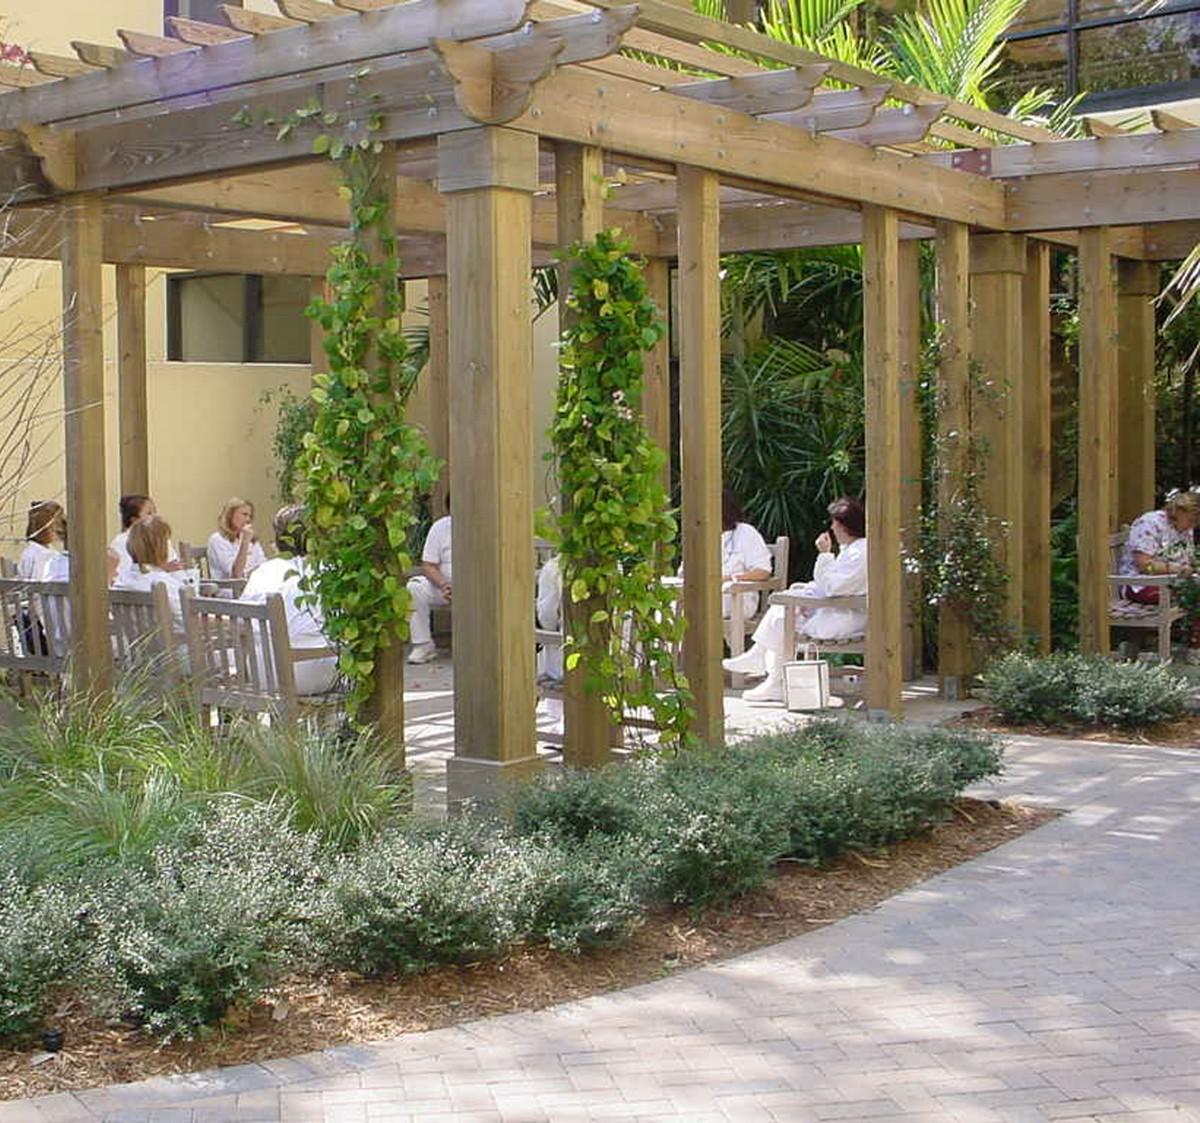 Healing gardens in hospitals